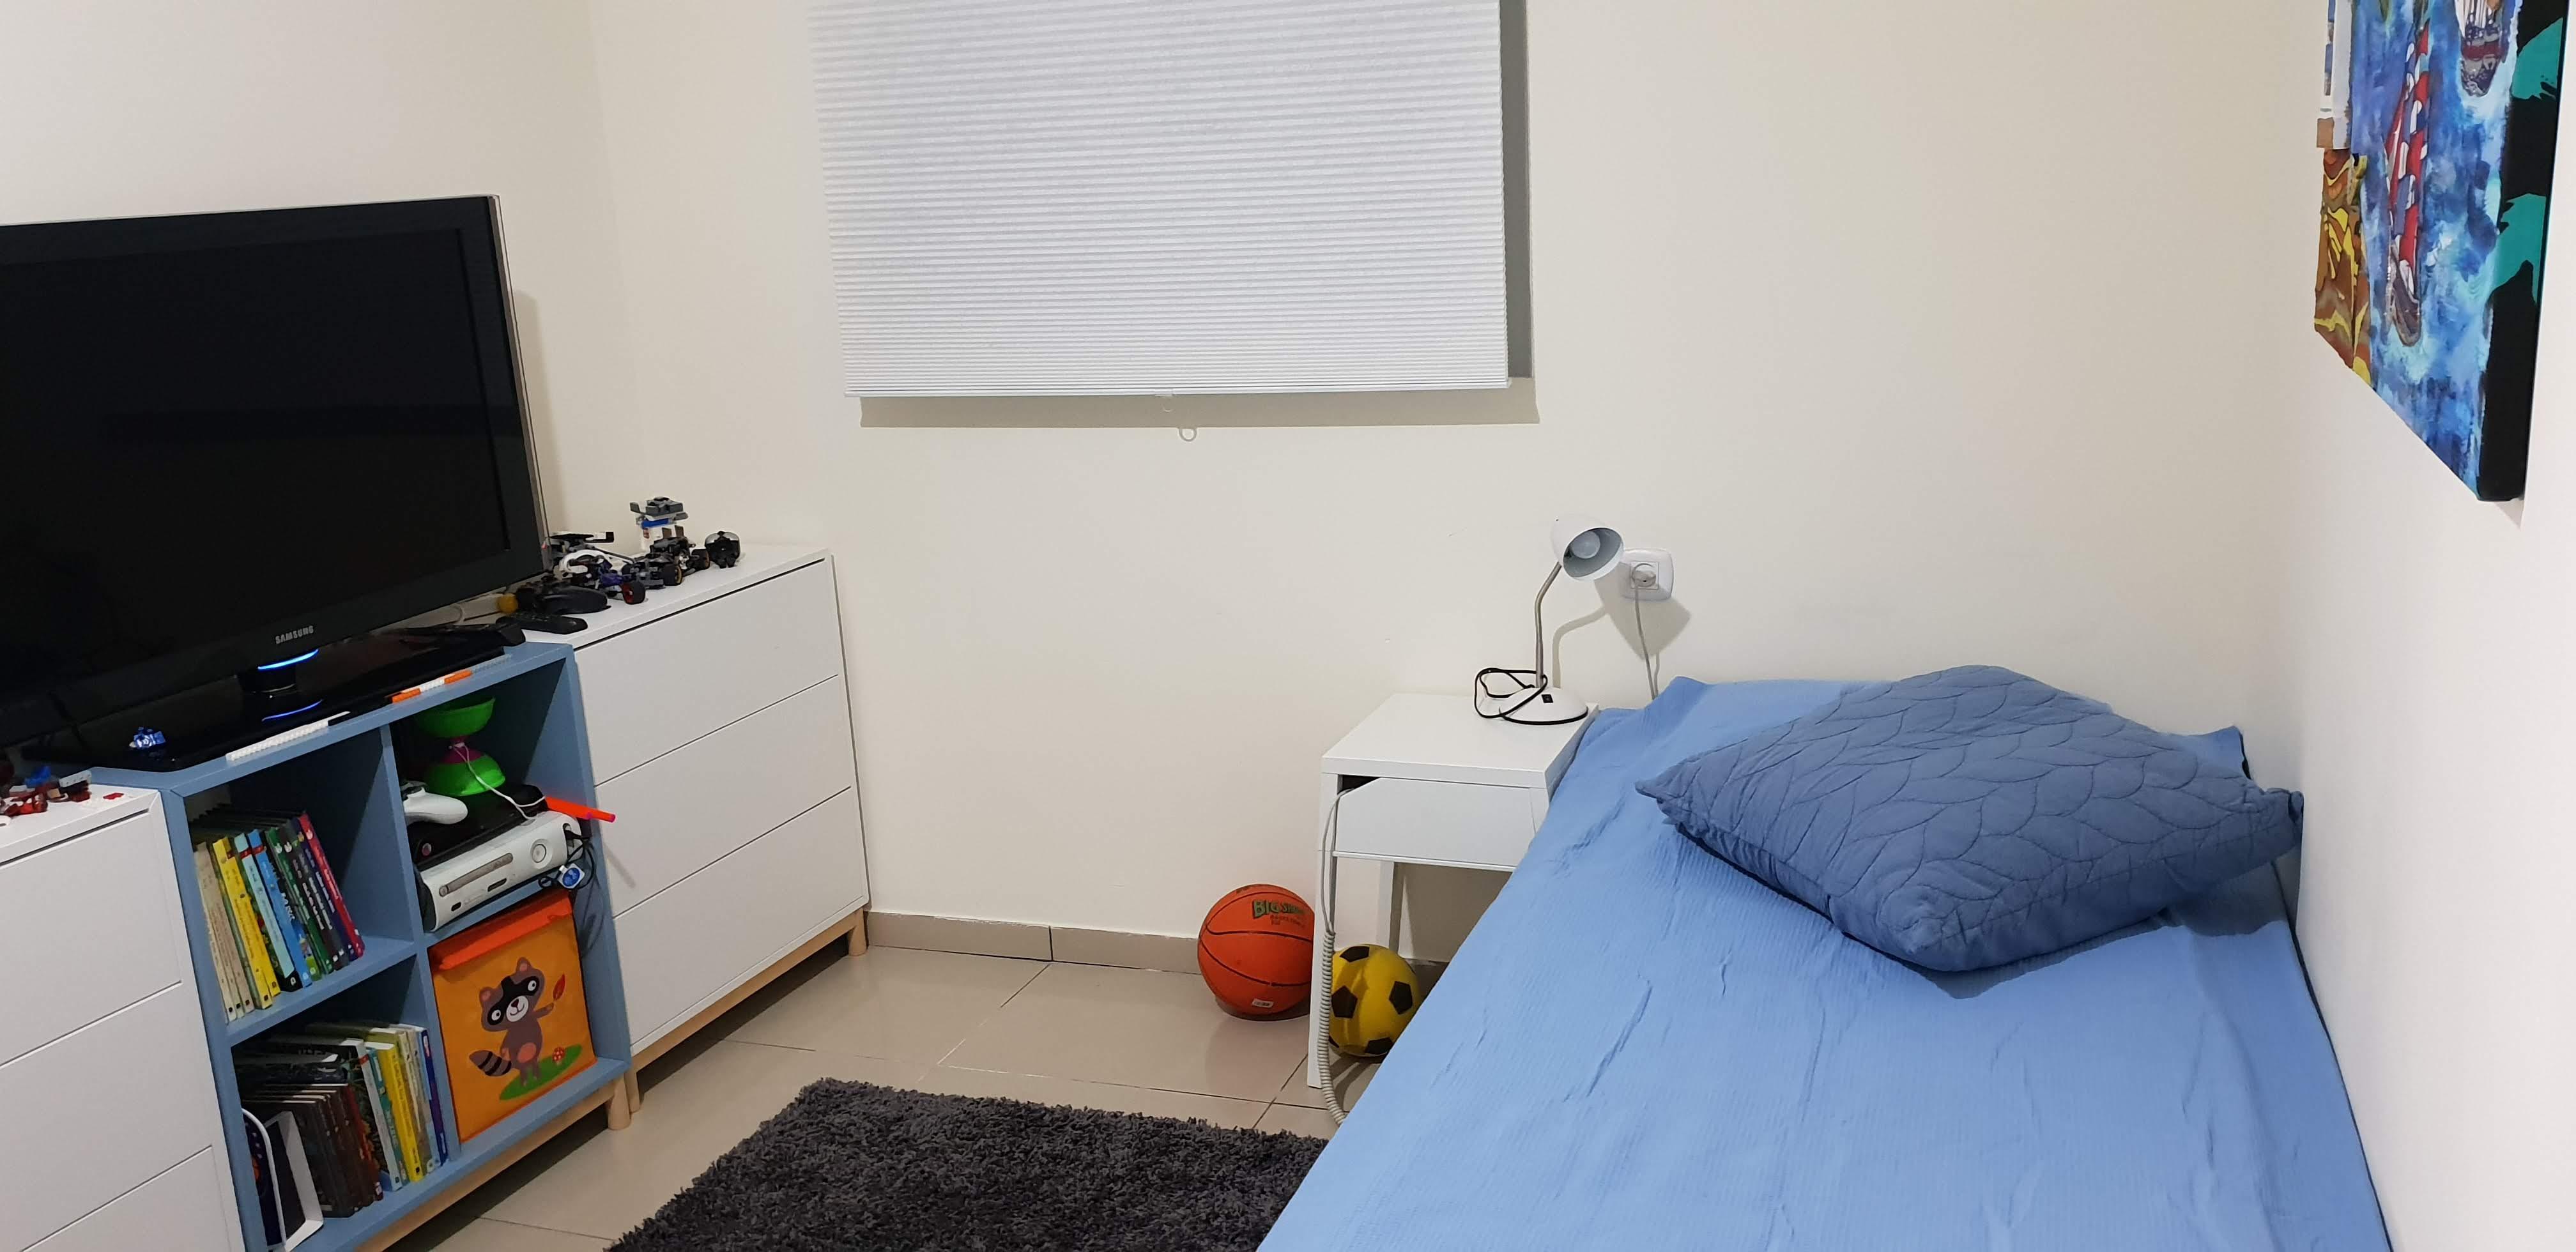 החדר של איתי